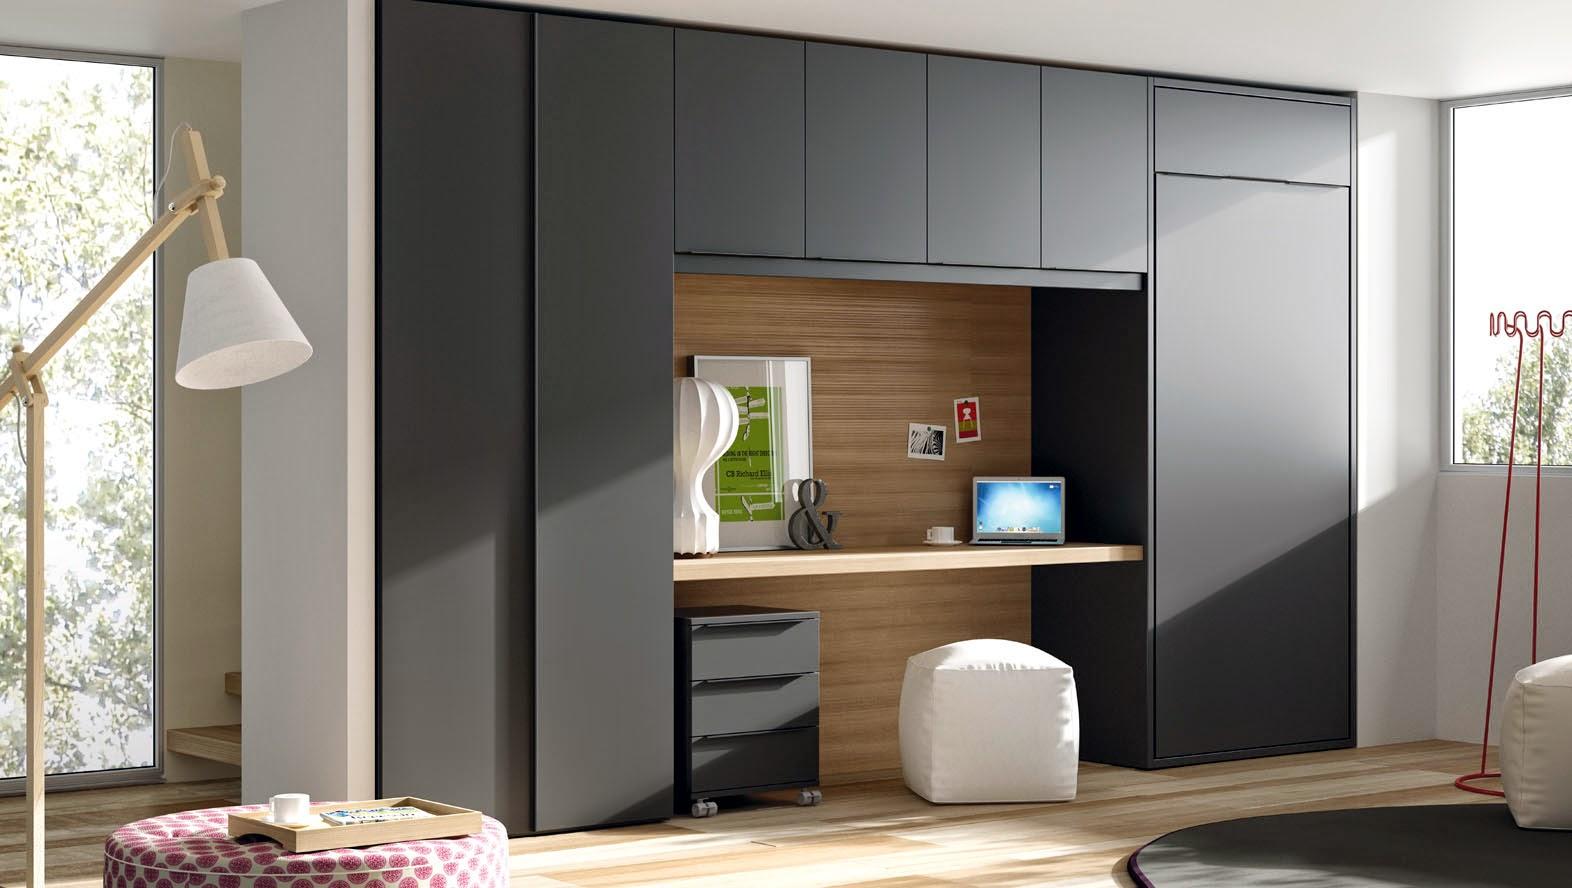 Dormitorios con cama abatible vertical - Mecanismo para camas abatibles ...